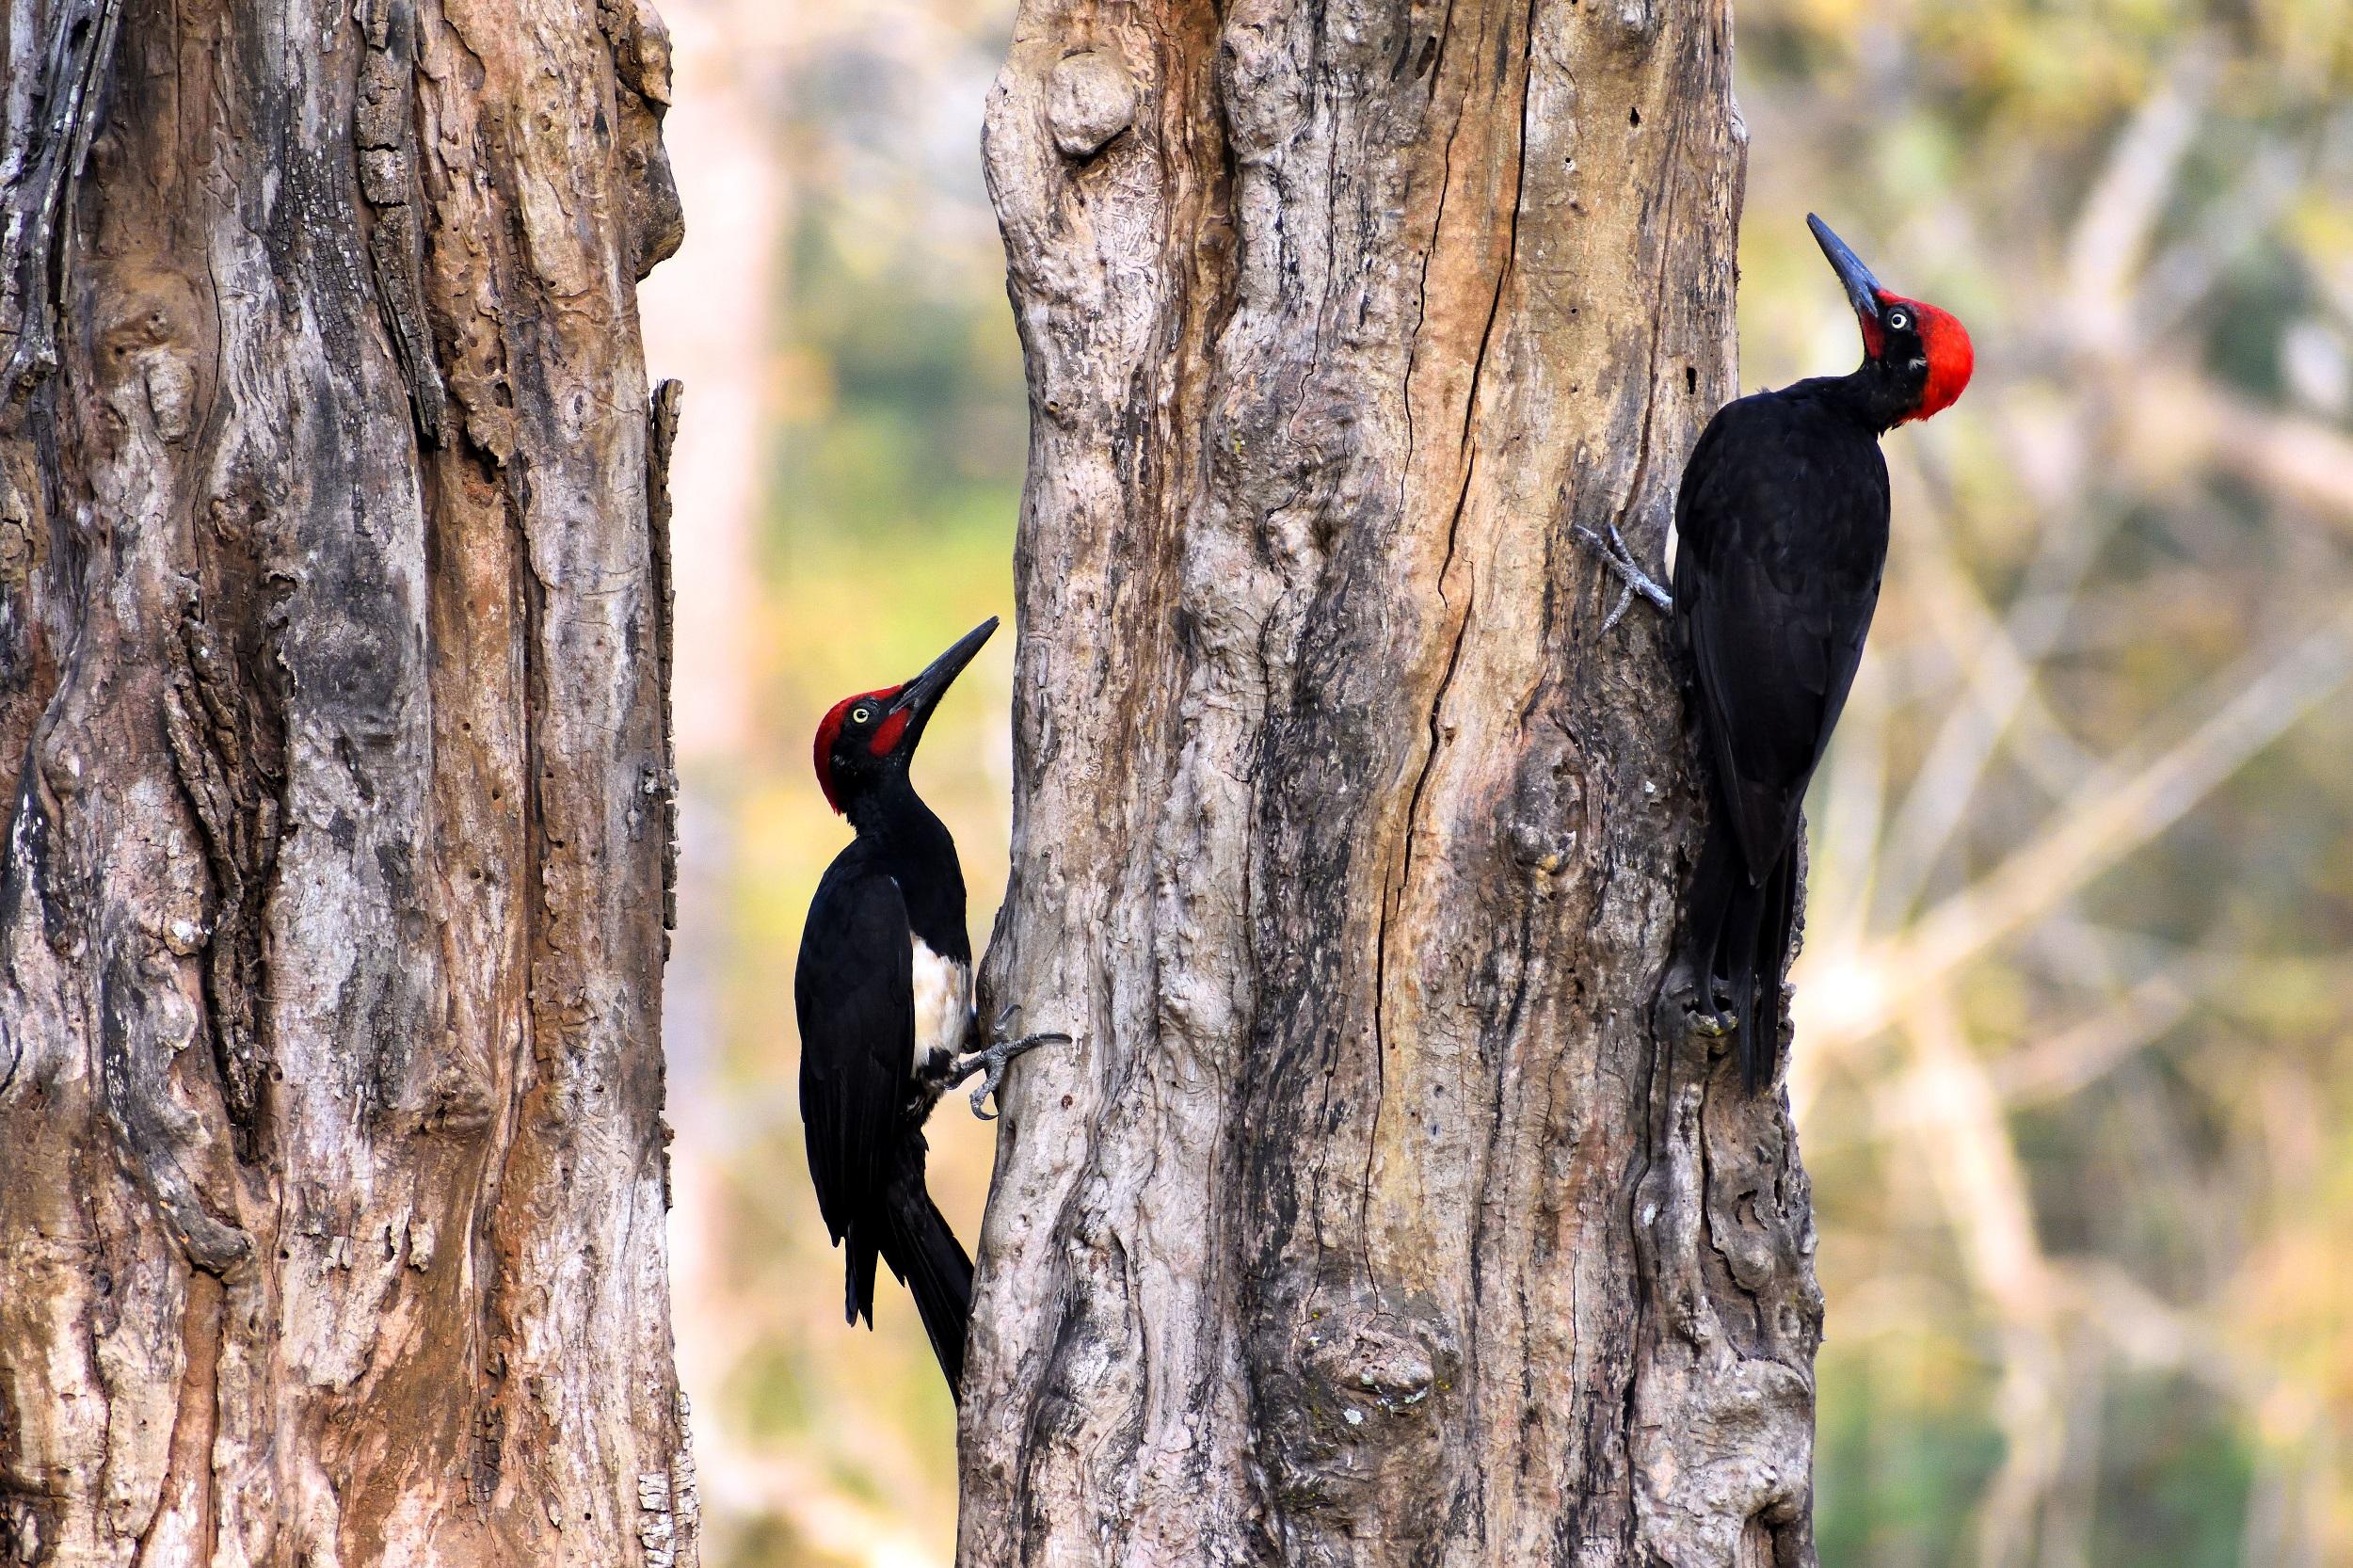 bird on a tree trunk